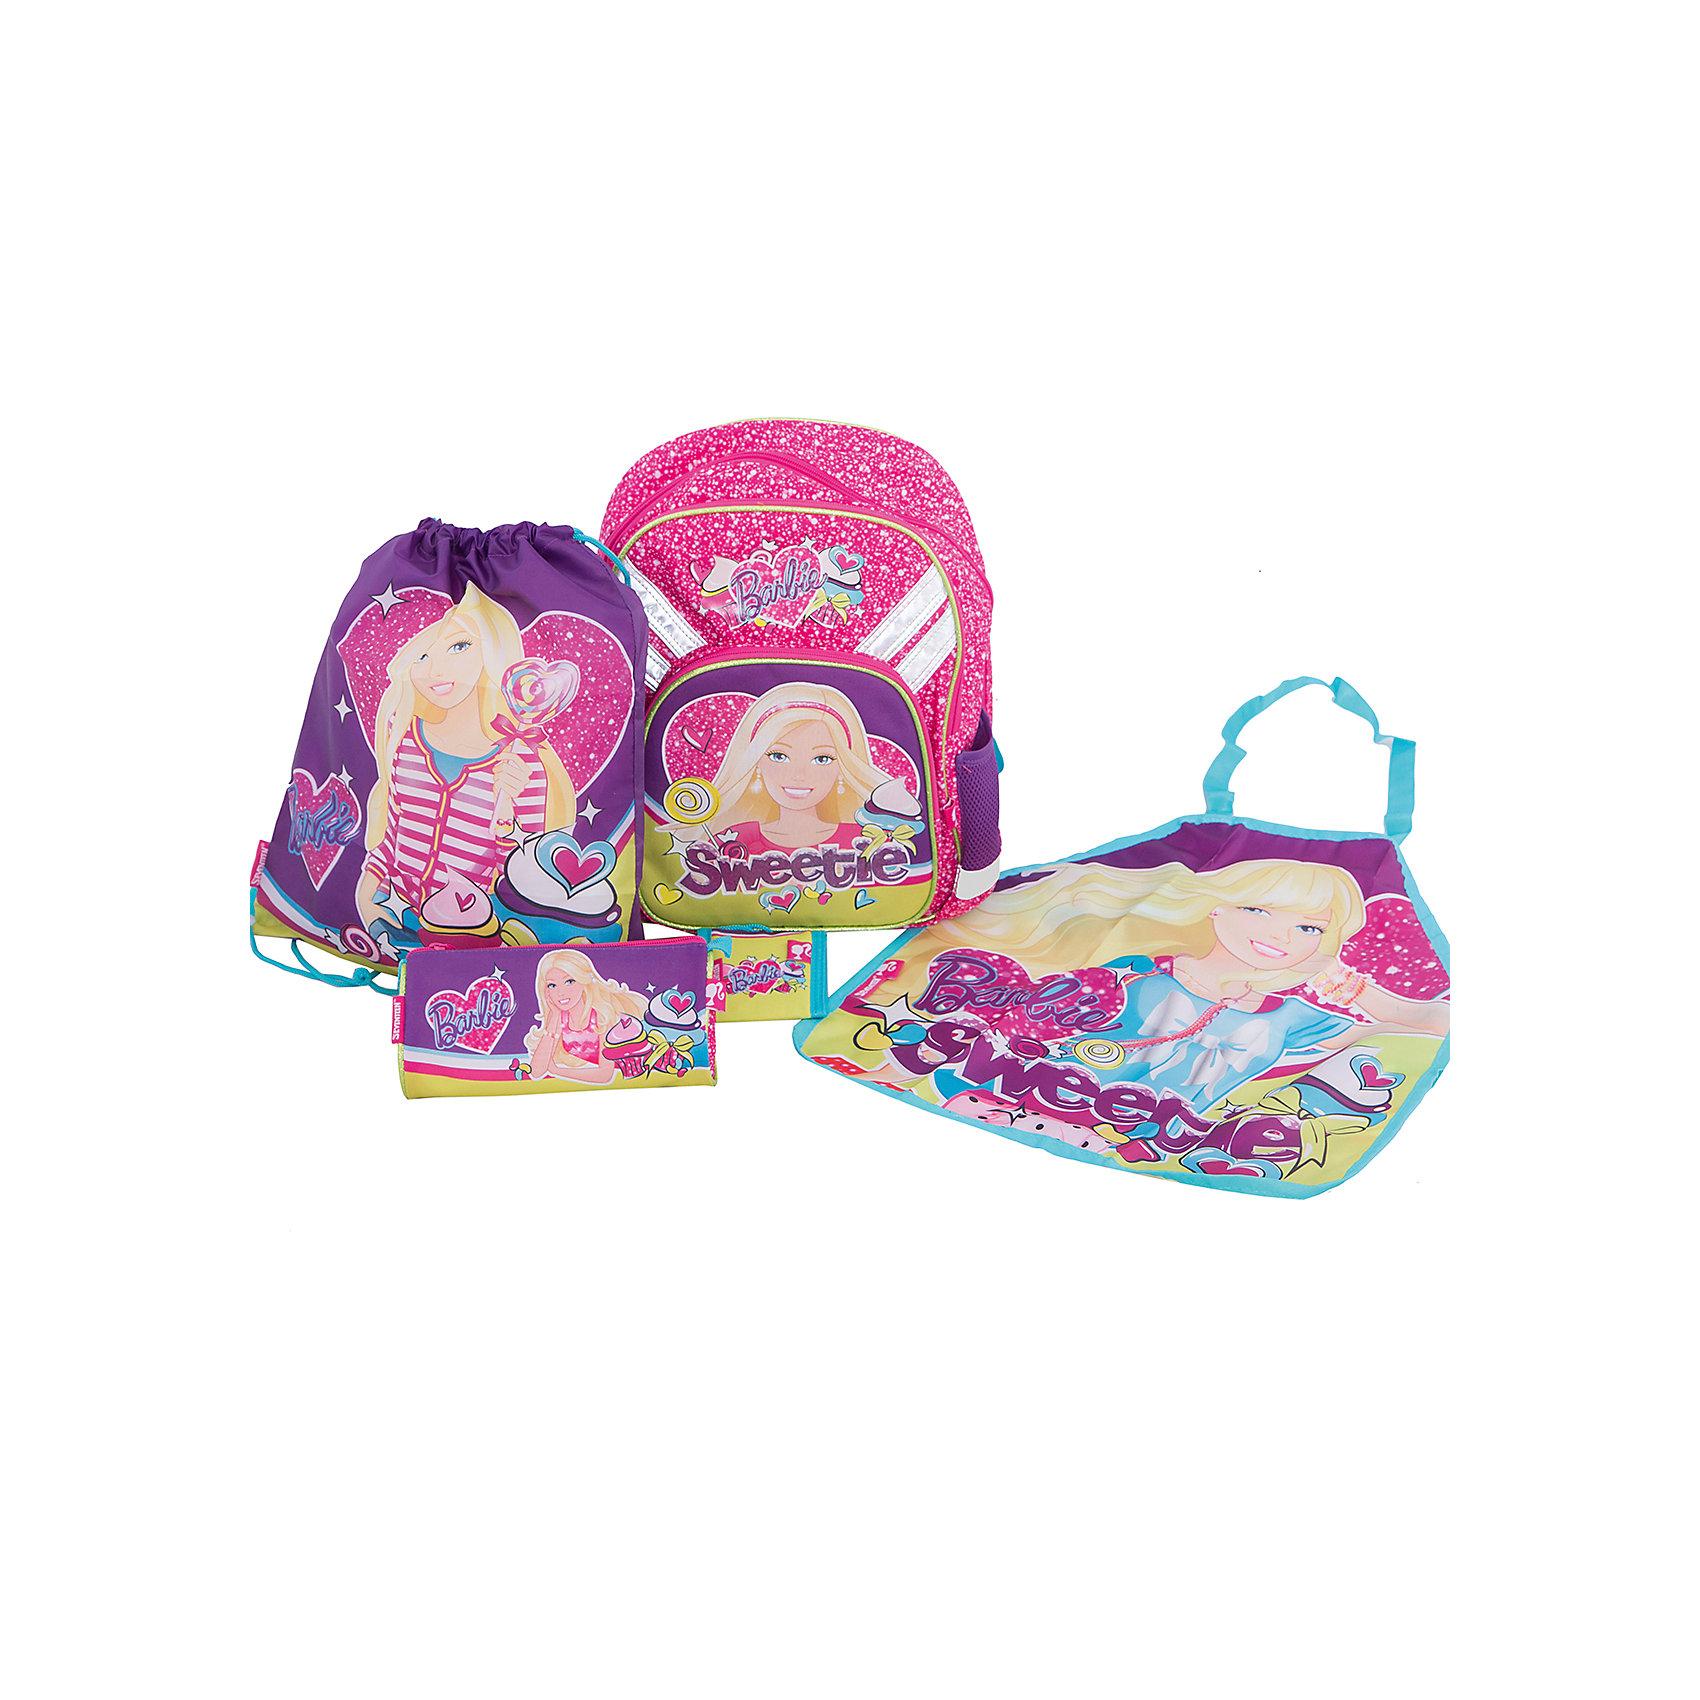 Академия групп Школьный набор Barbie (Эргономичный ранец, мешок для обуви, пенал, фартук, кошелек) панели для кухни фартук в курске